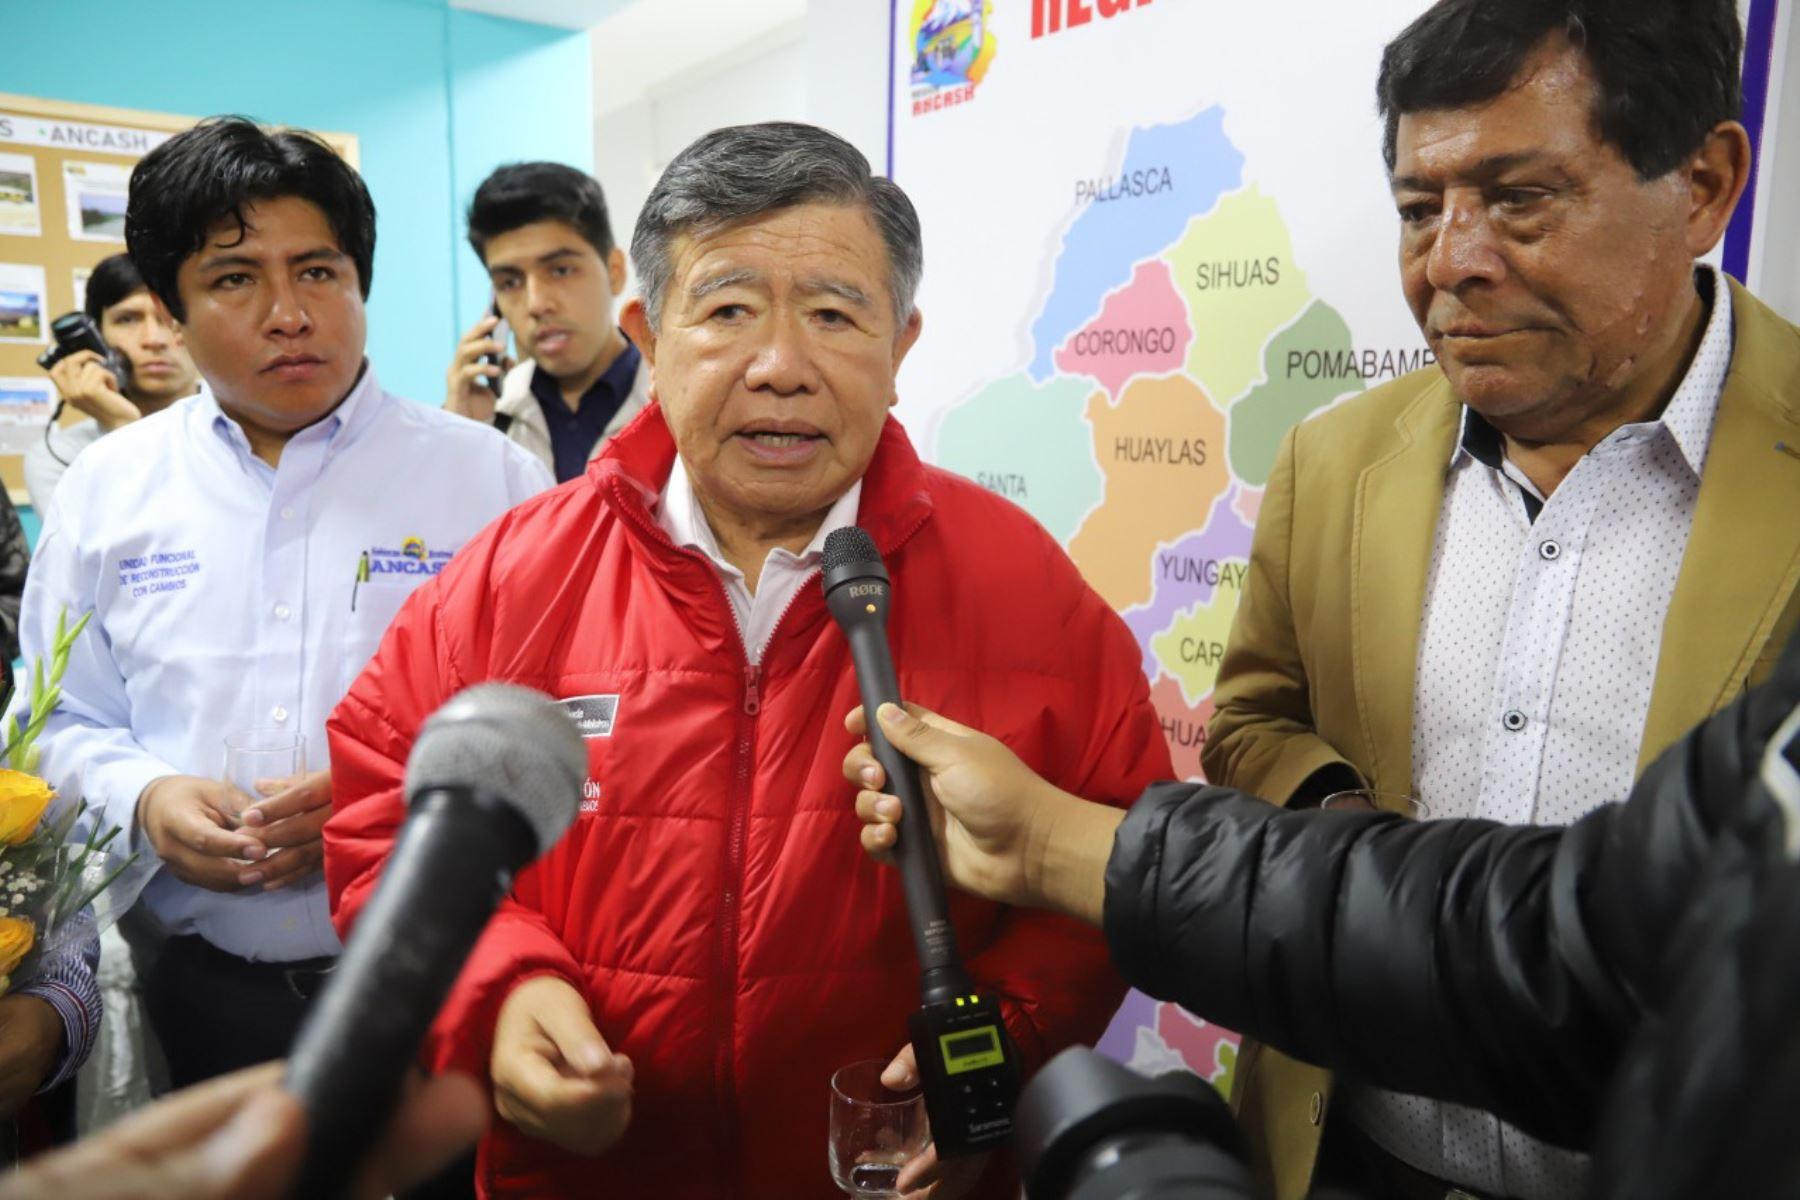 El director de la ARCC, Nelson Chui, se reunió con alcaldes de Áncash para brindarles información sobre el estado de las intervenciones de reconstrucción.